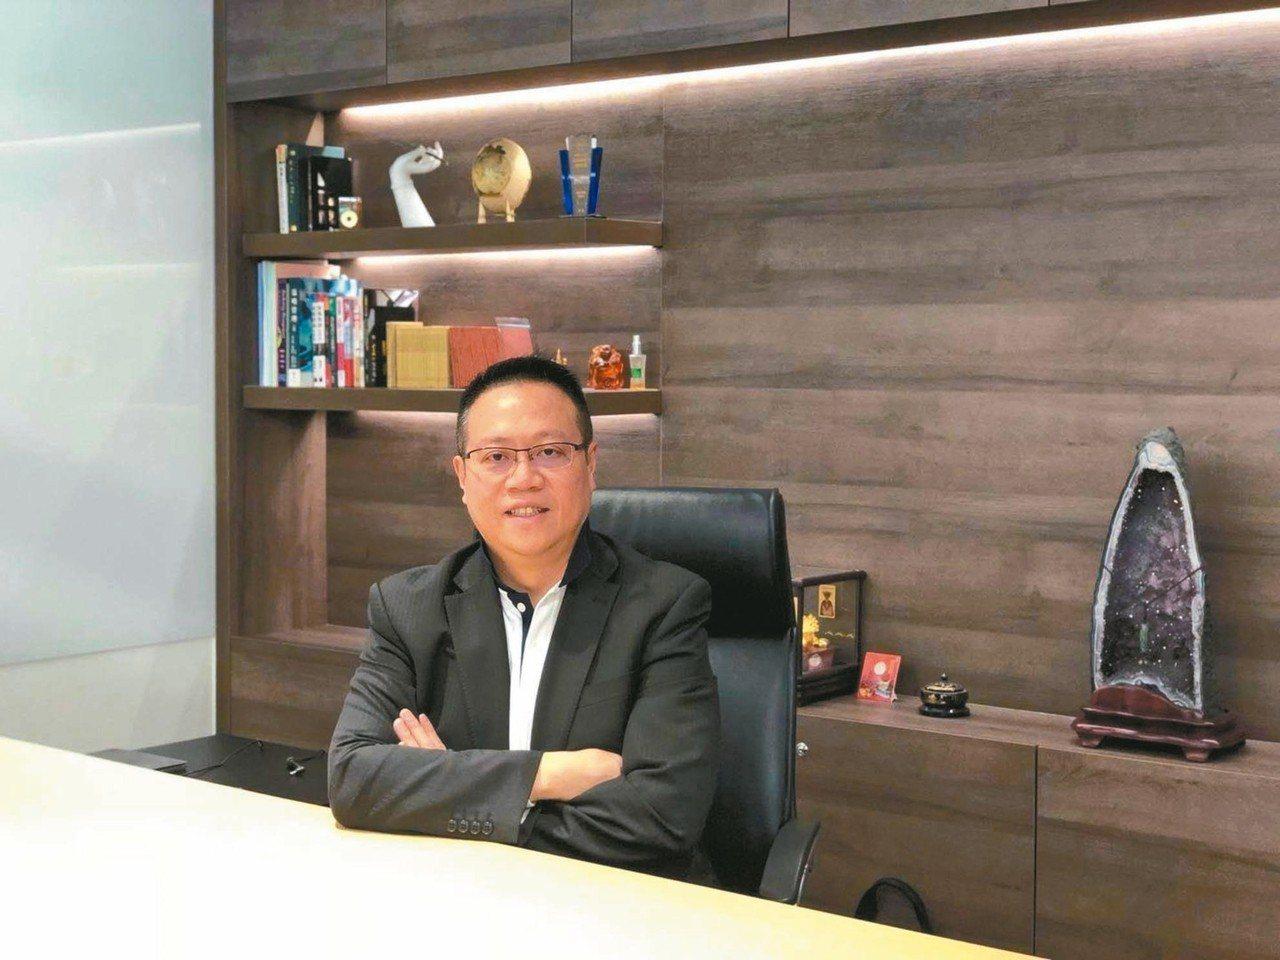 口袋科技董事長李興亞 口袋科技╱提供